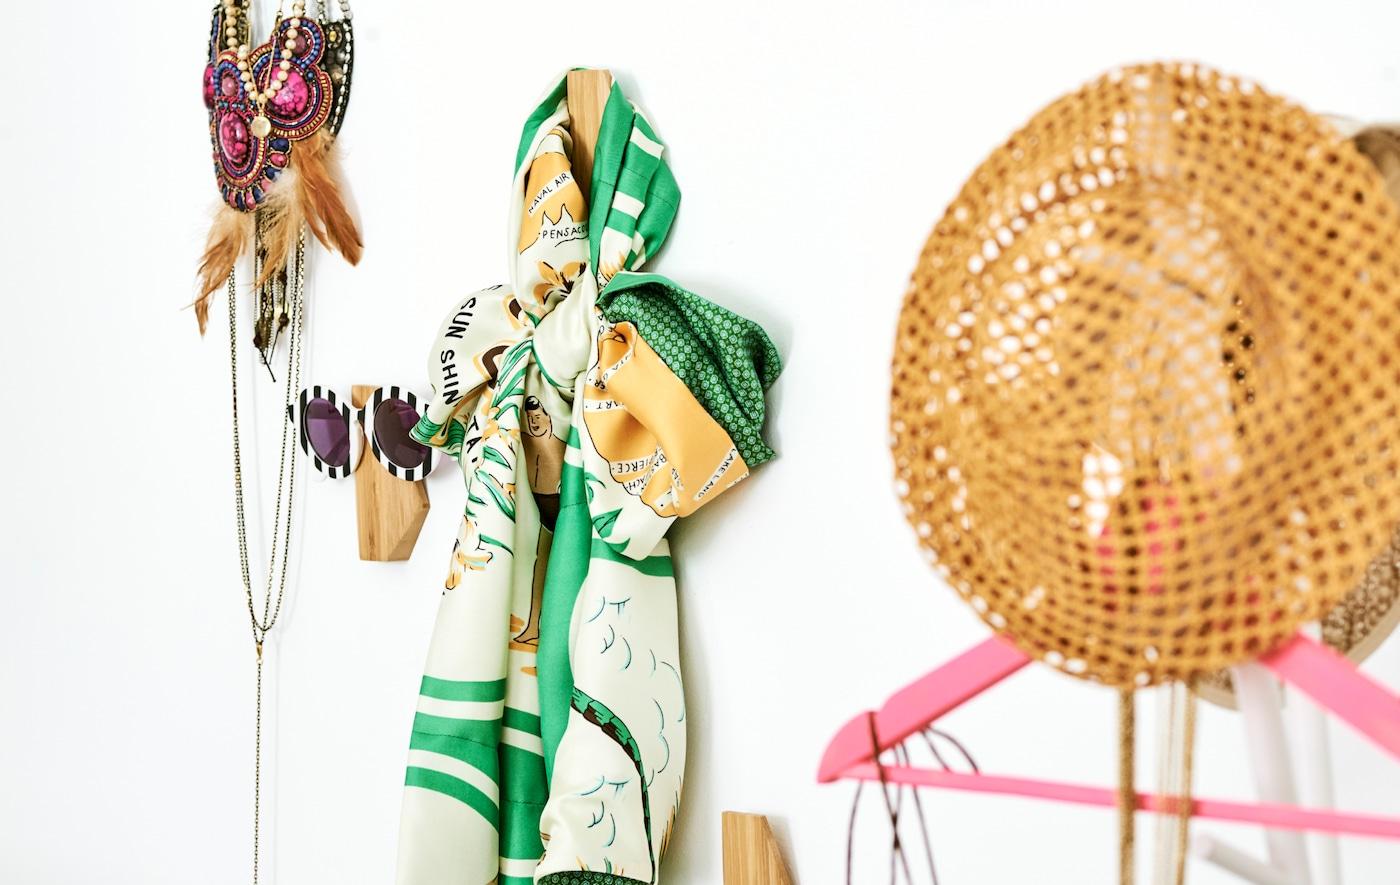 Des crochets asymétriques en bambou sur un mur, chacun portant un type d'accessoire de mode différent – lunettes de soleil, foulards, colliers et chapeaux de paille.